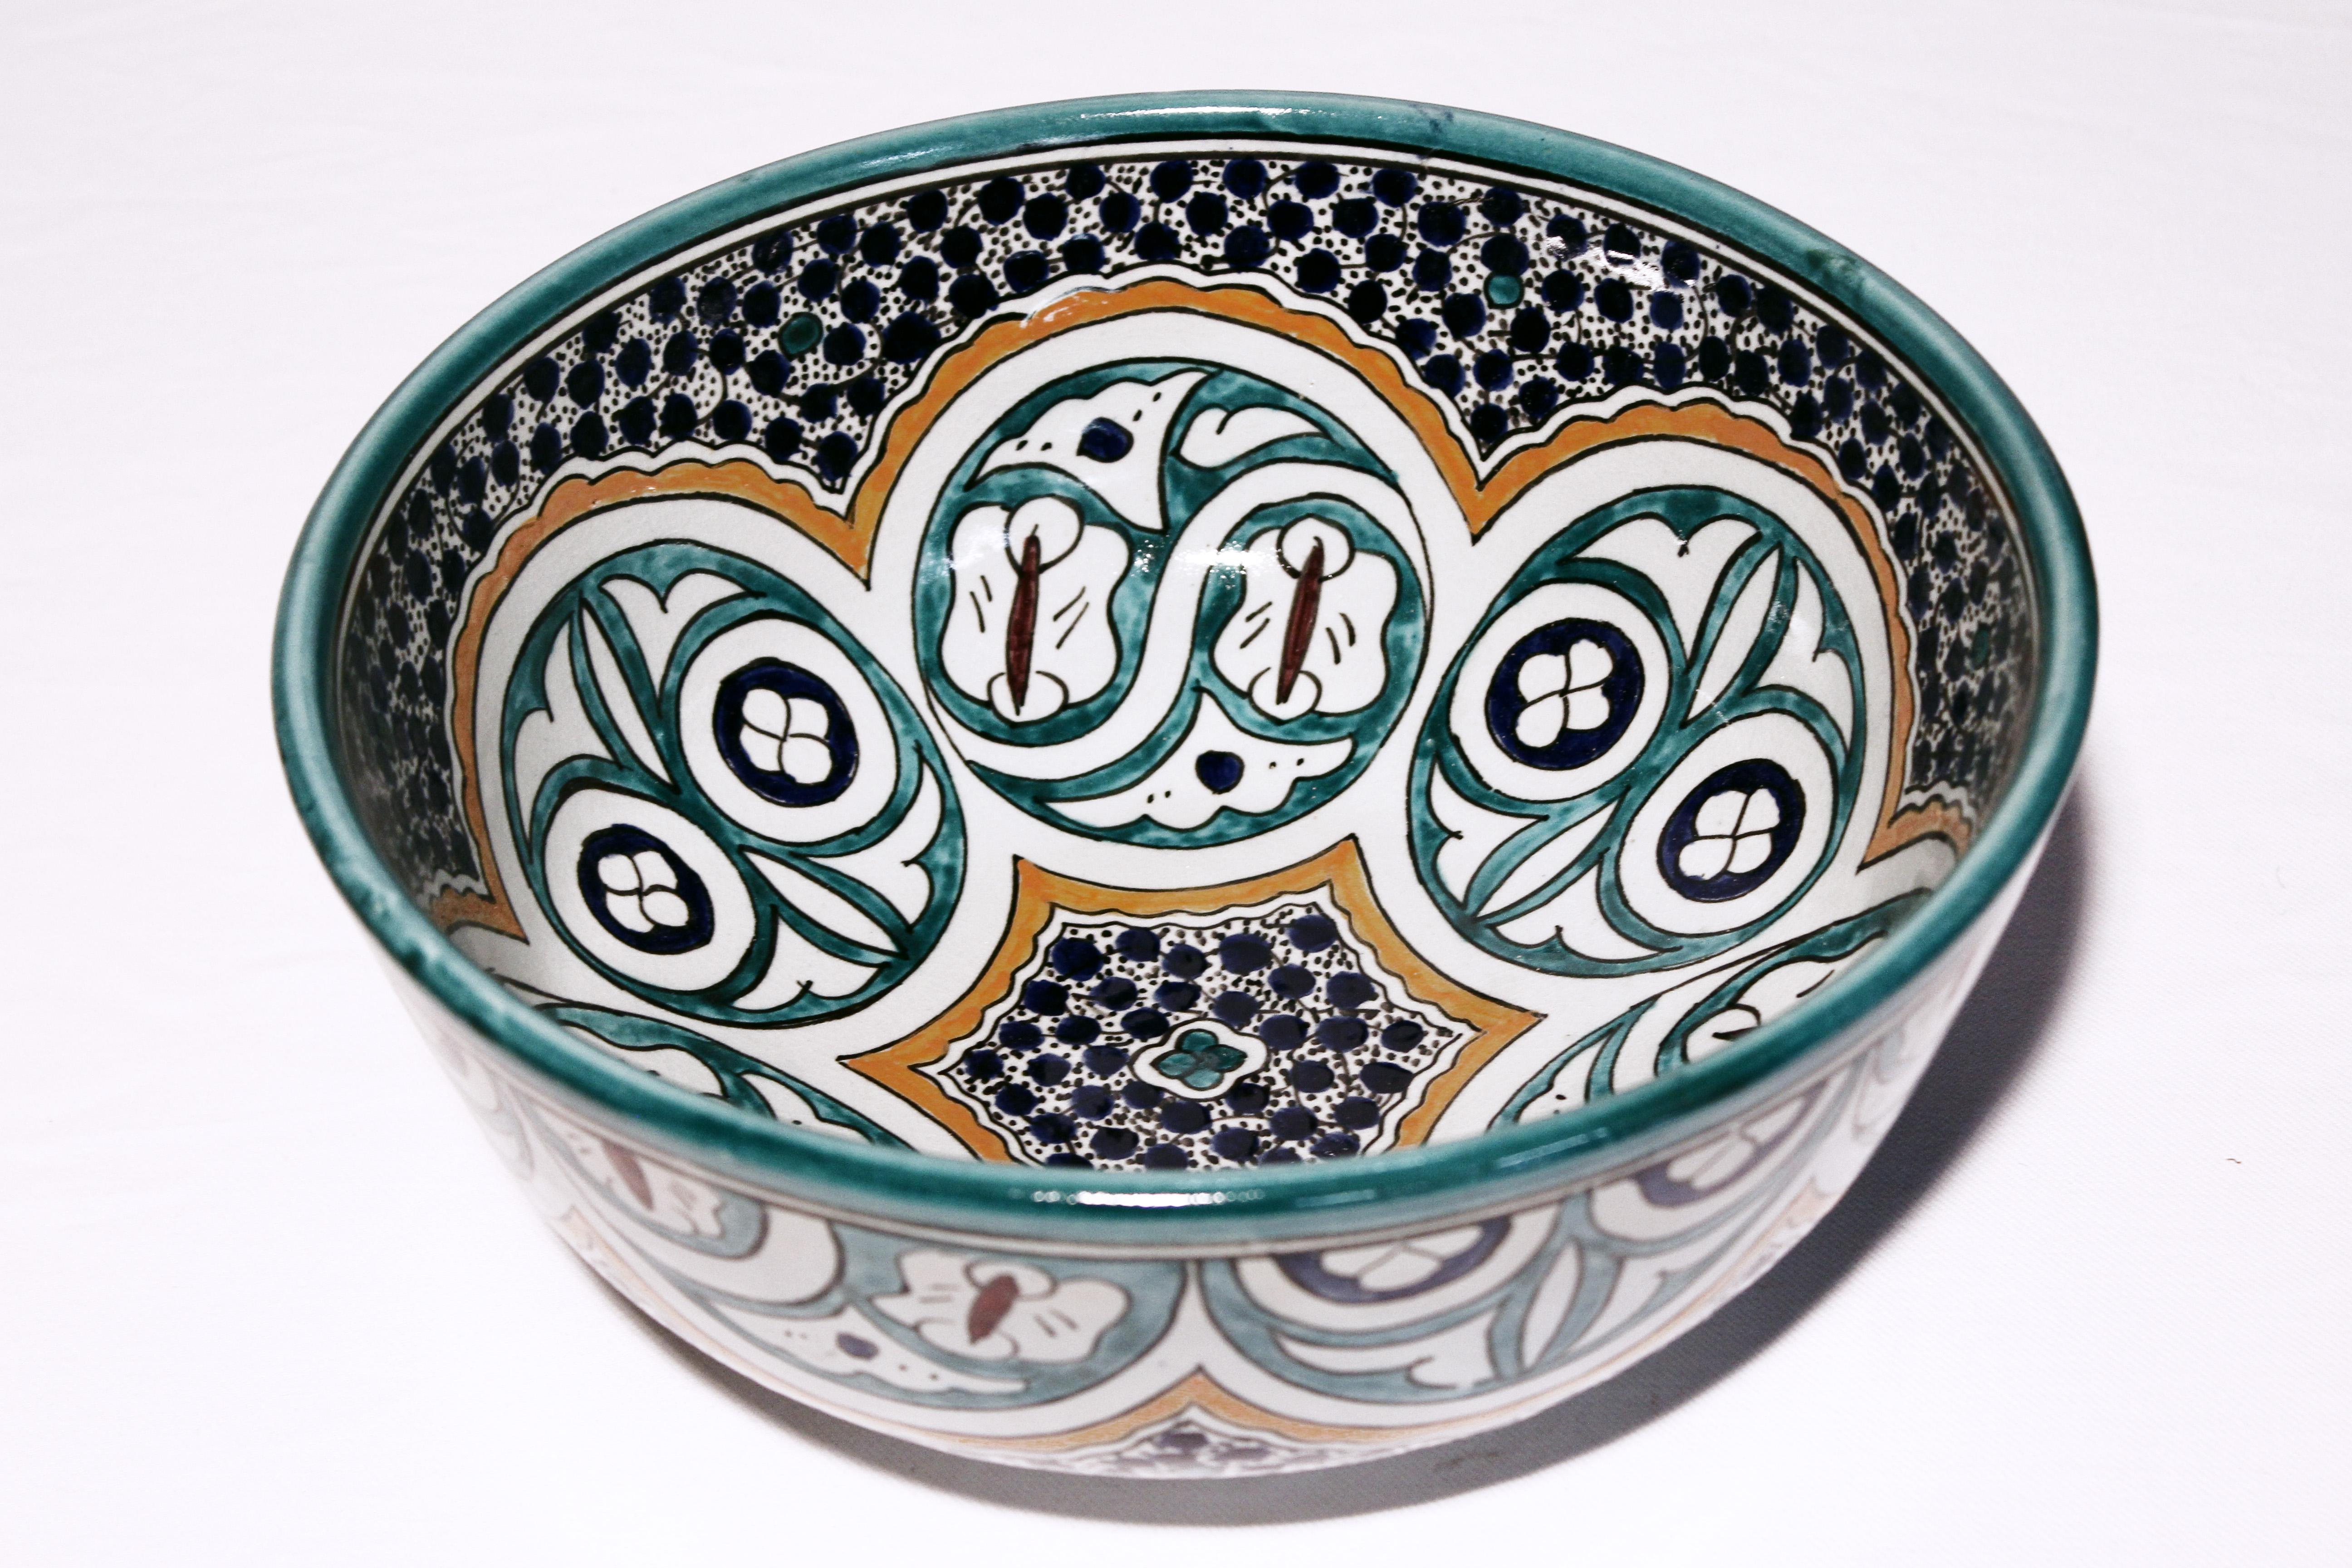 Orientalische Schussel Leandra El Fesi Orientalisches Deko